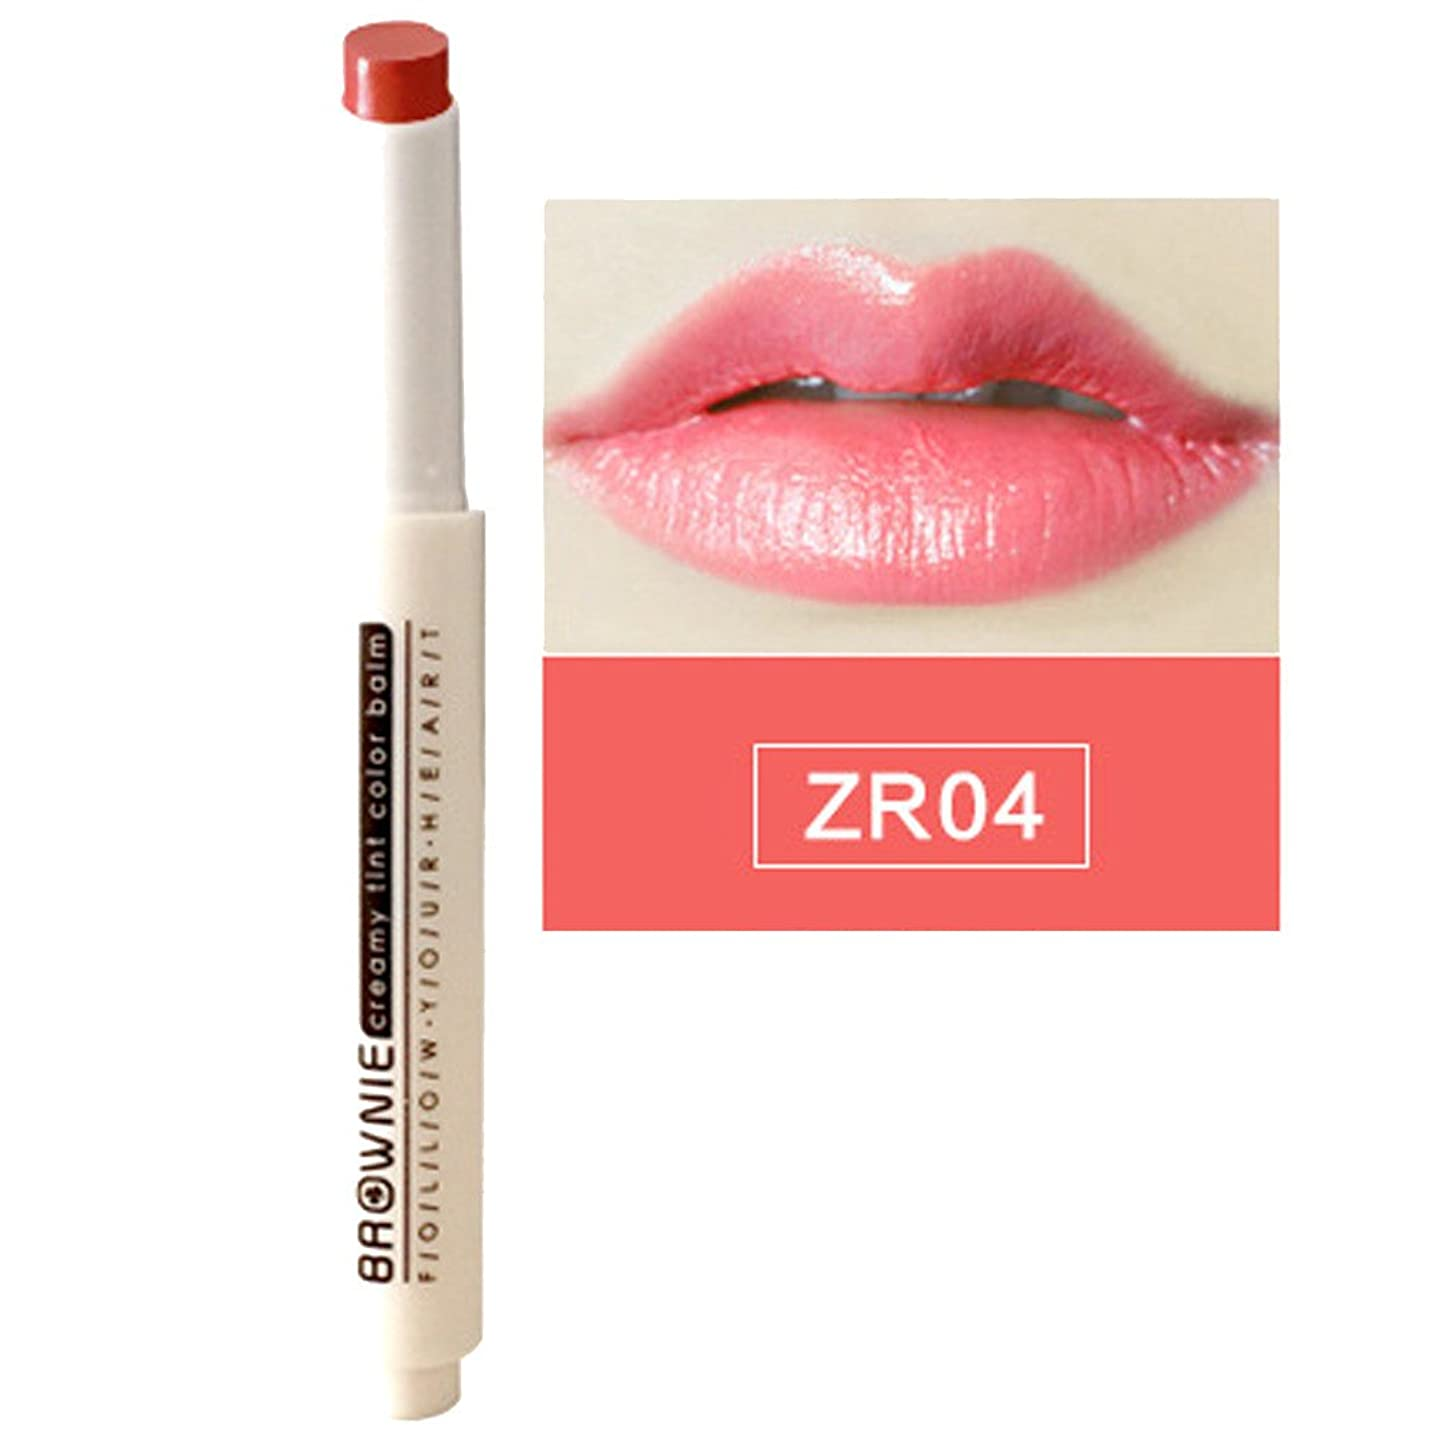 フラワーカラー リップスティック YOKINO 保湿 防水唇 光沢 口紅 筆  24時間持久 おしゃれ  リップバーム  リップ 滑る カップにこだわらない 8Colors 選択 新作-4313 (4#)